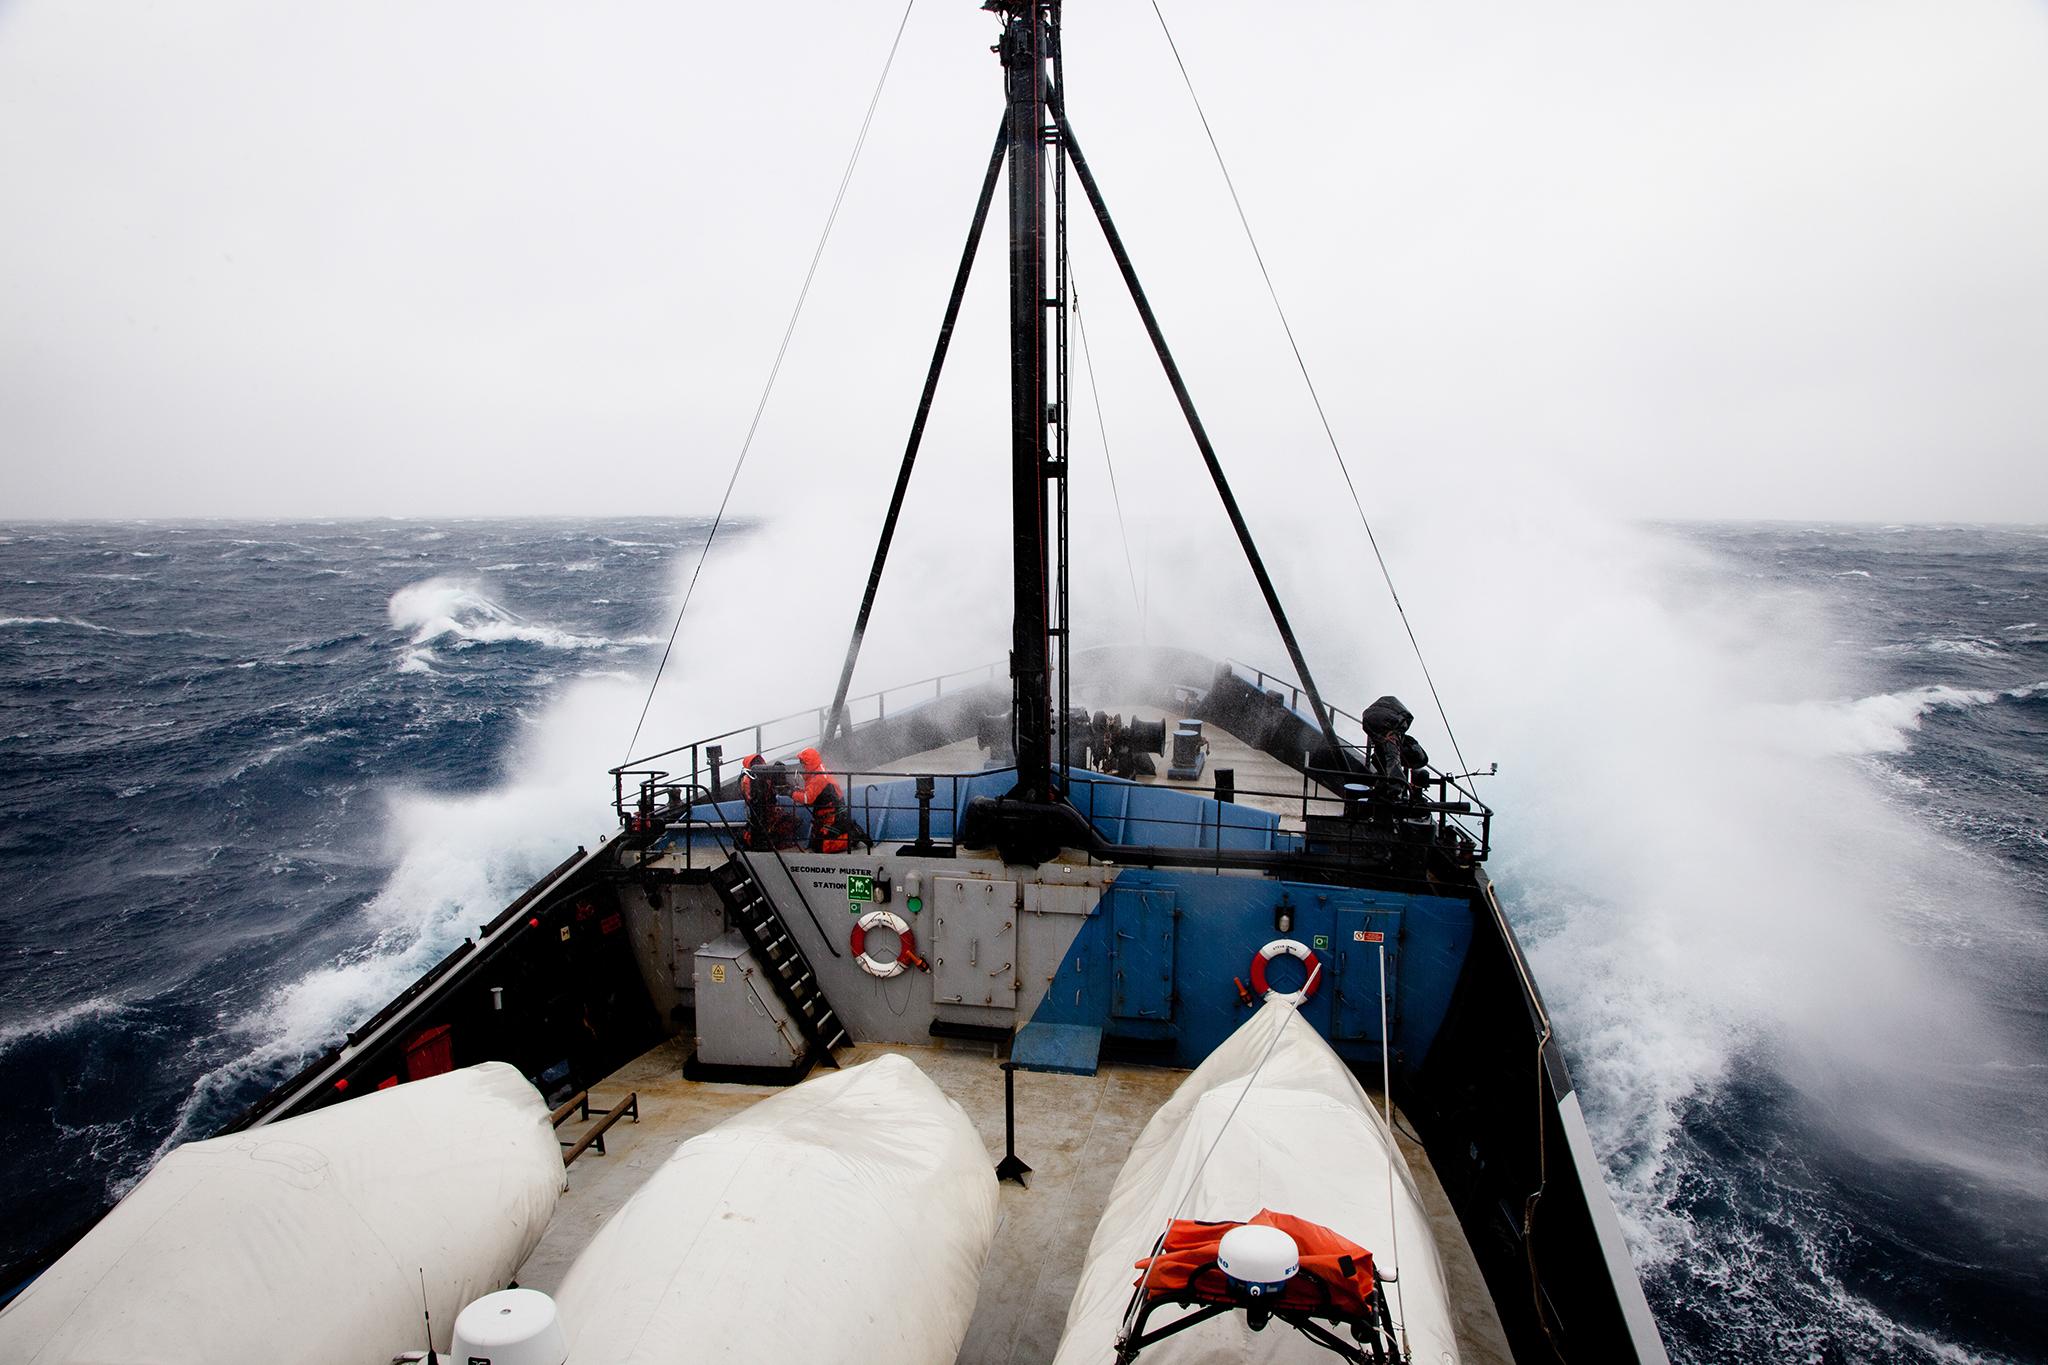 020-TW-Antarctica-130126.jpg